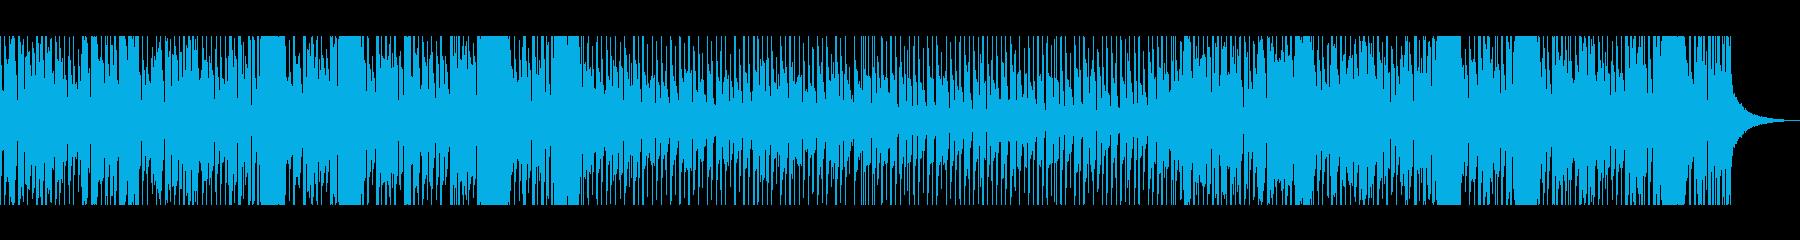 愉快な日常 口笛 フォークギターの再生済みの波形